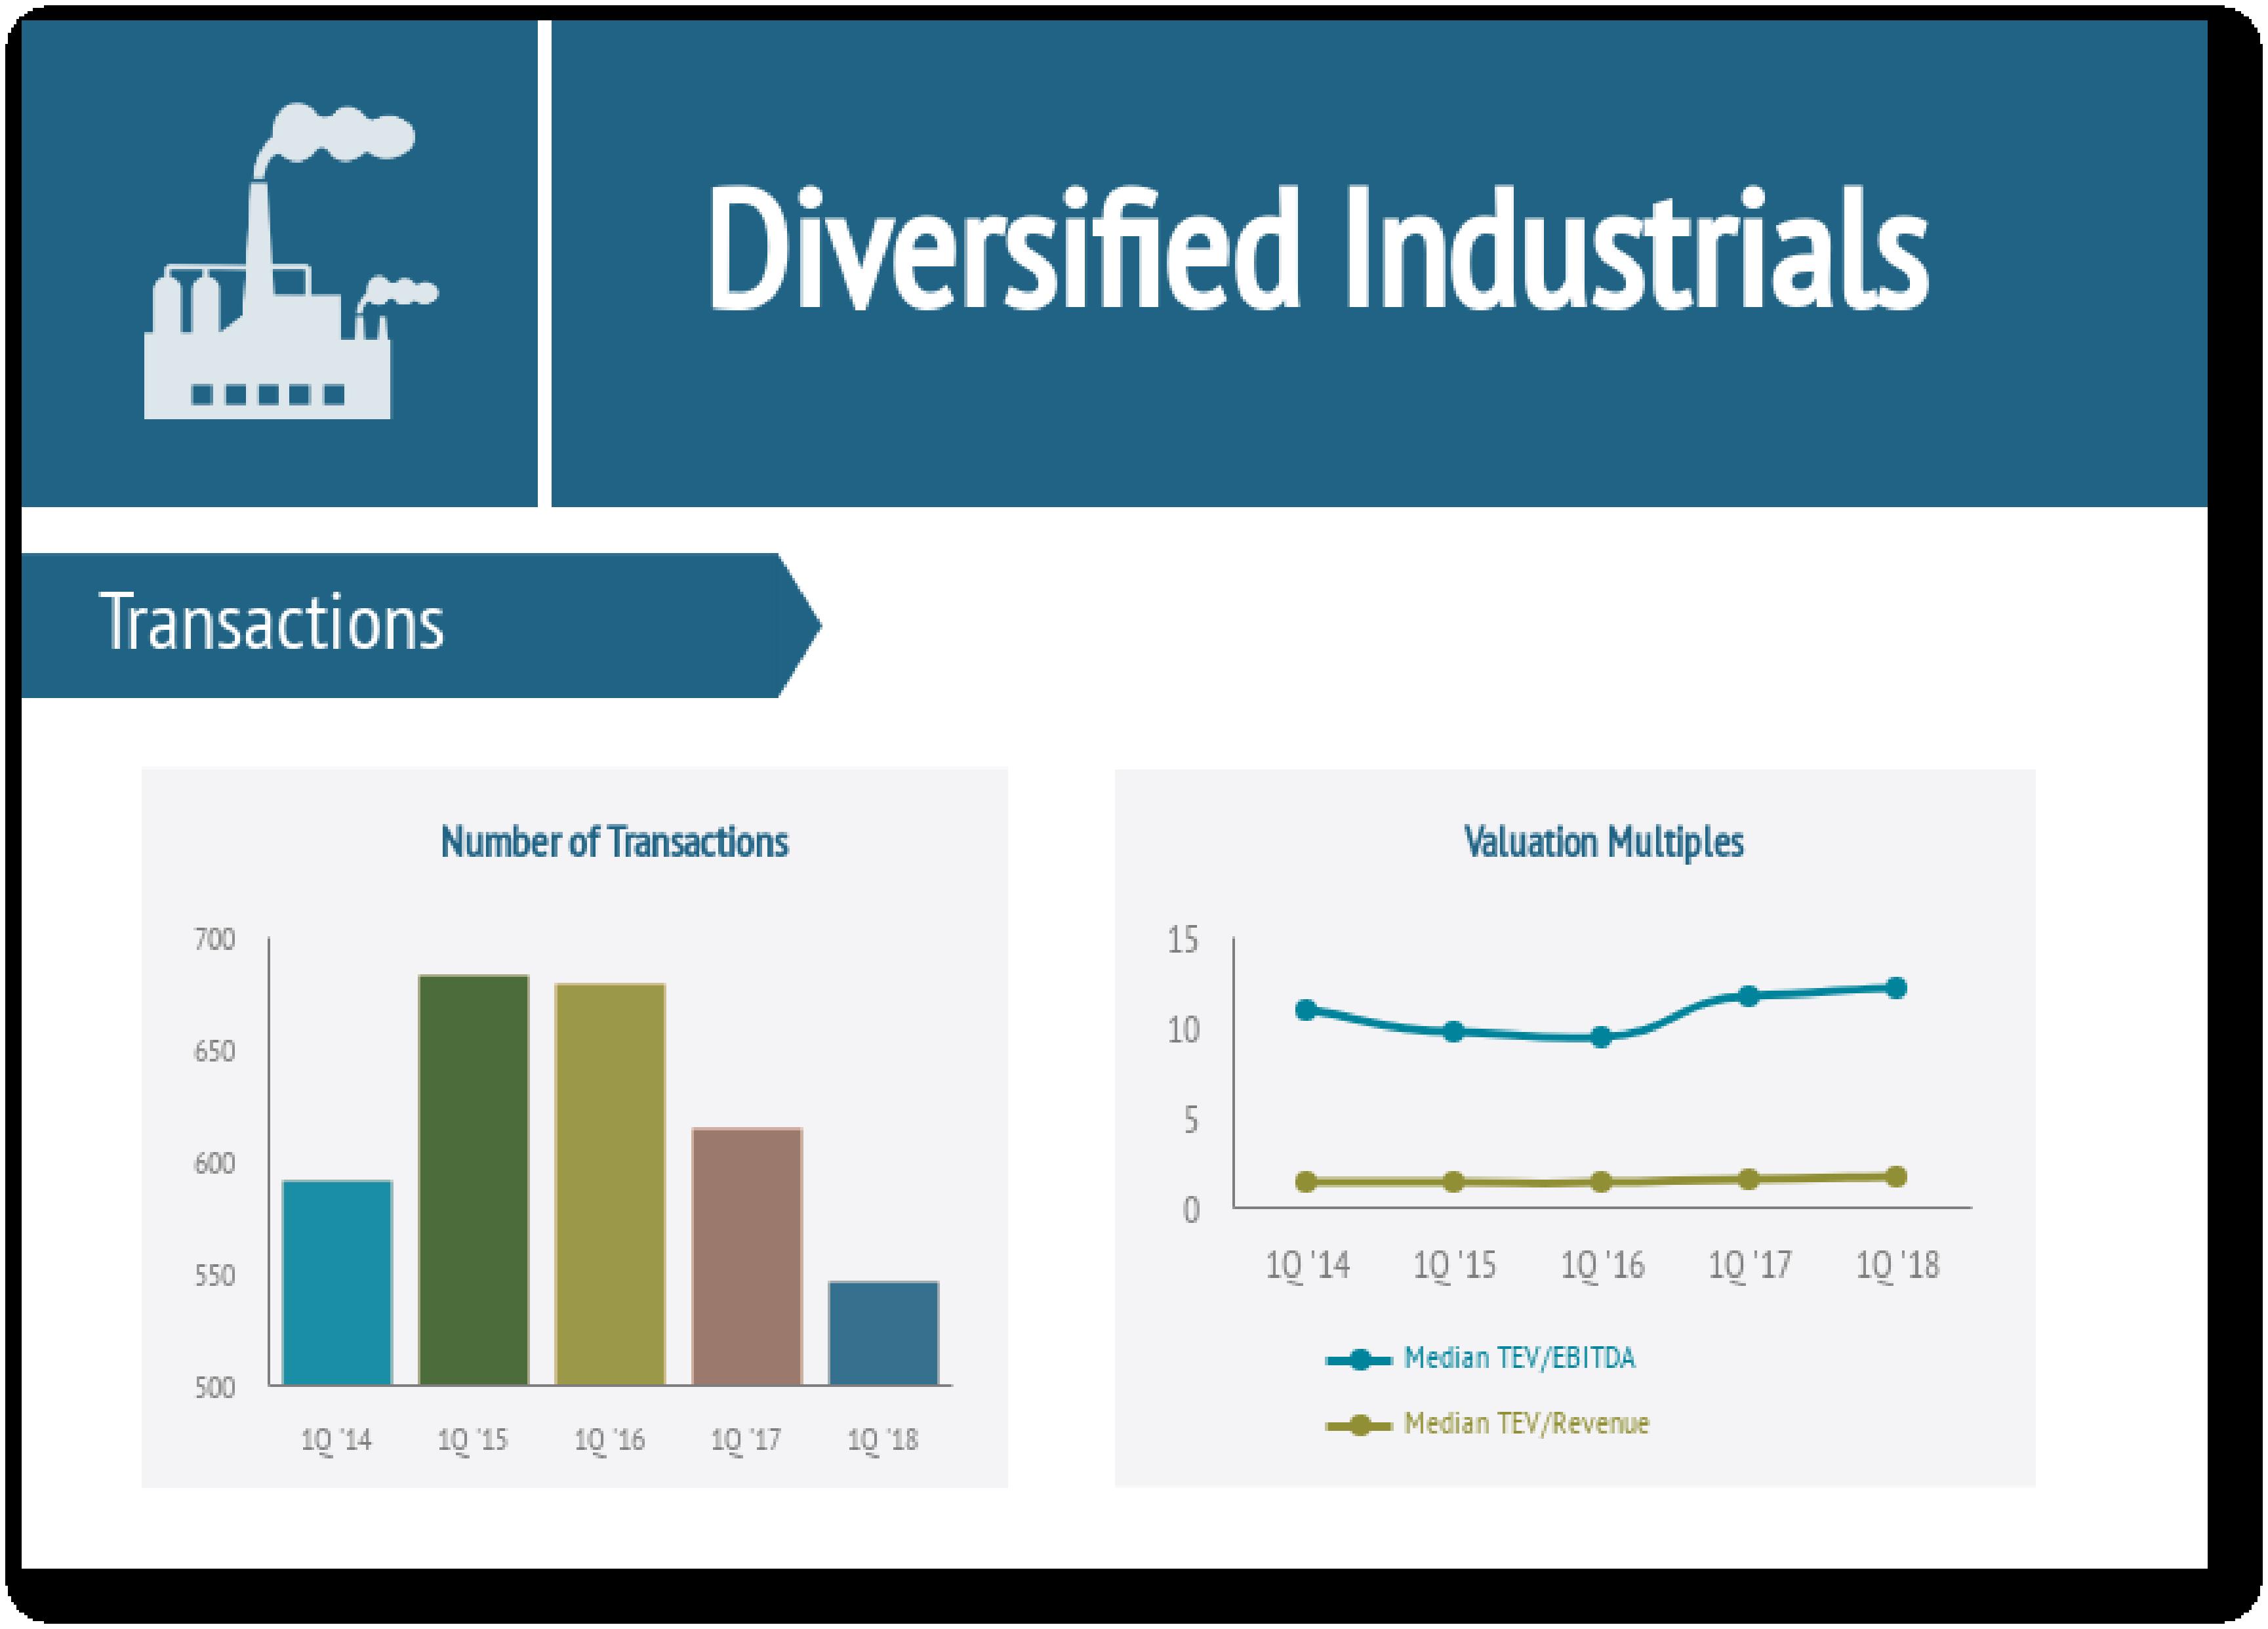 Diversified-Industrials-Industry